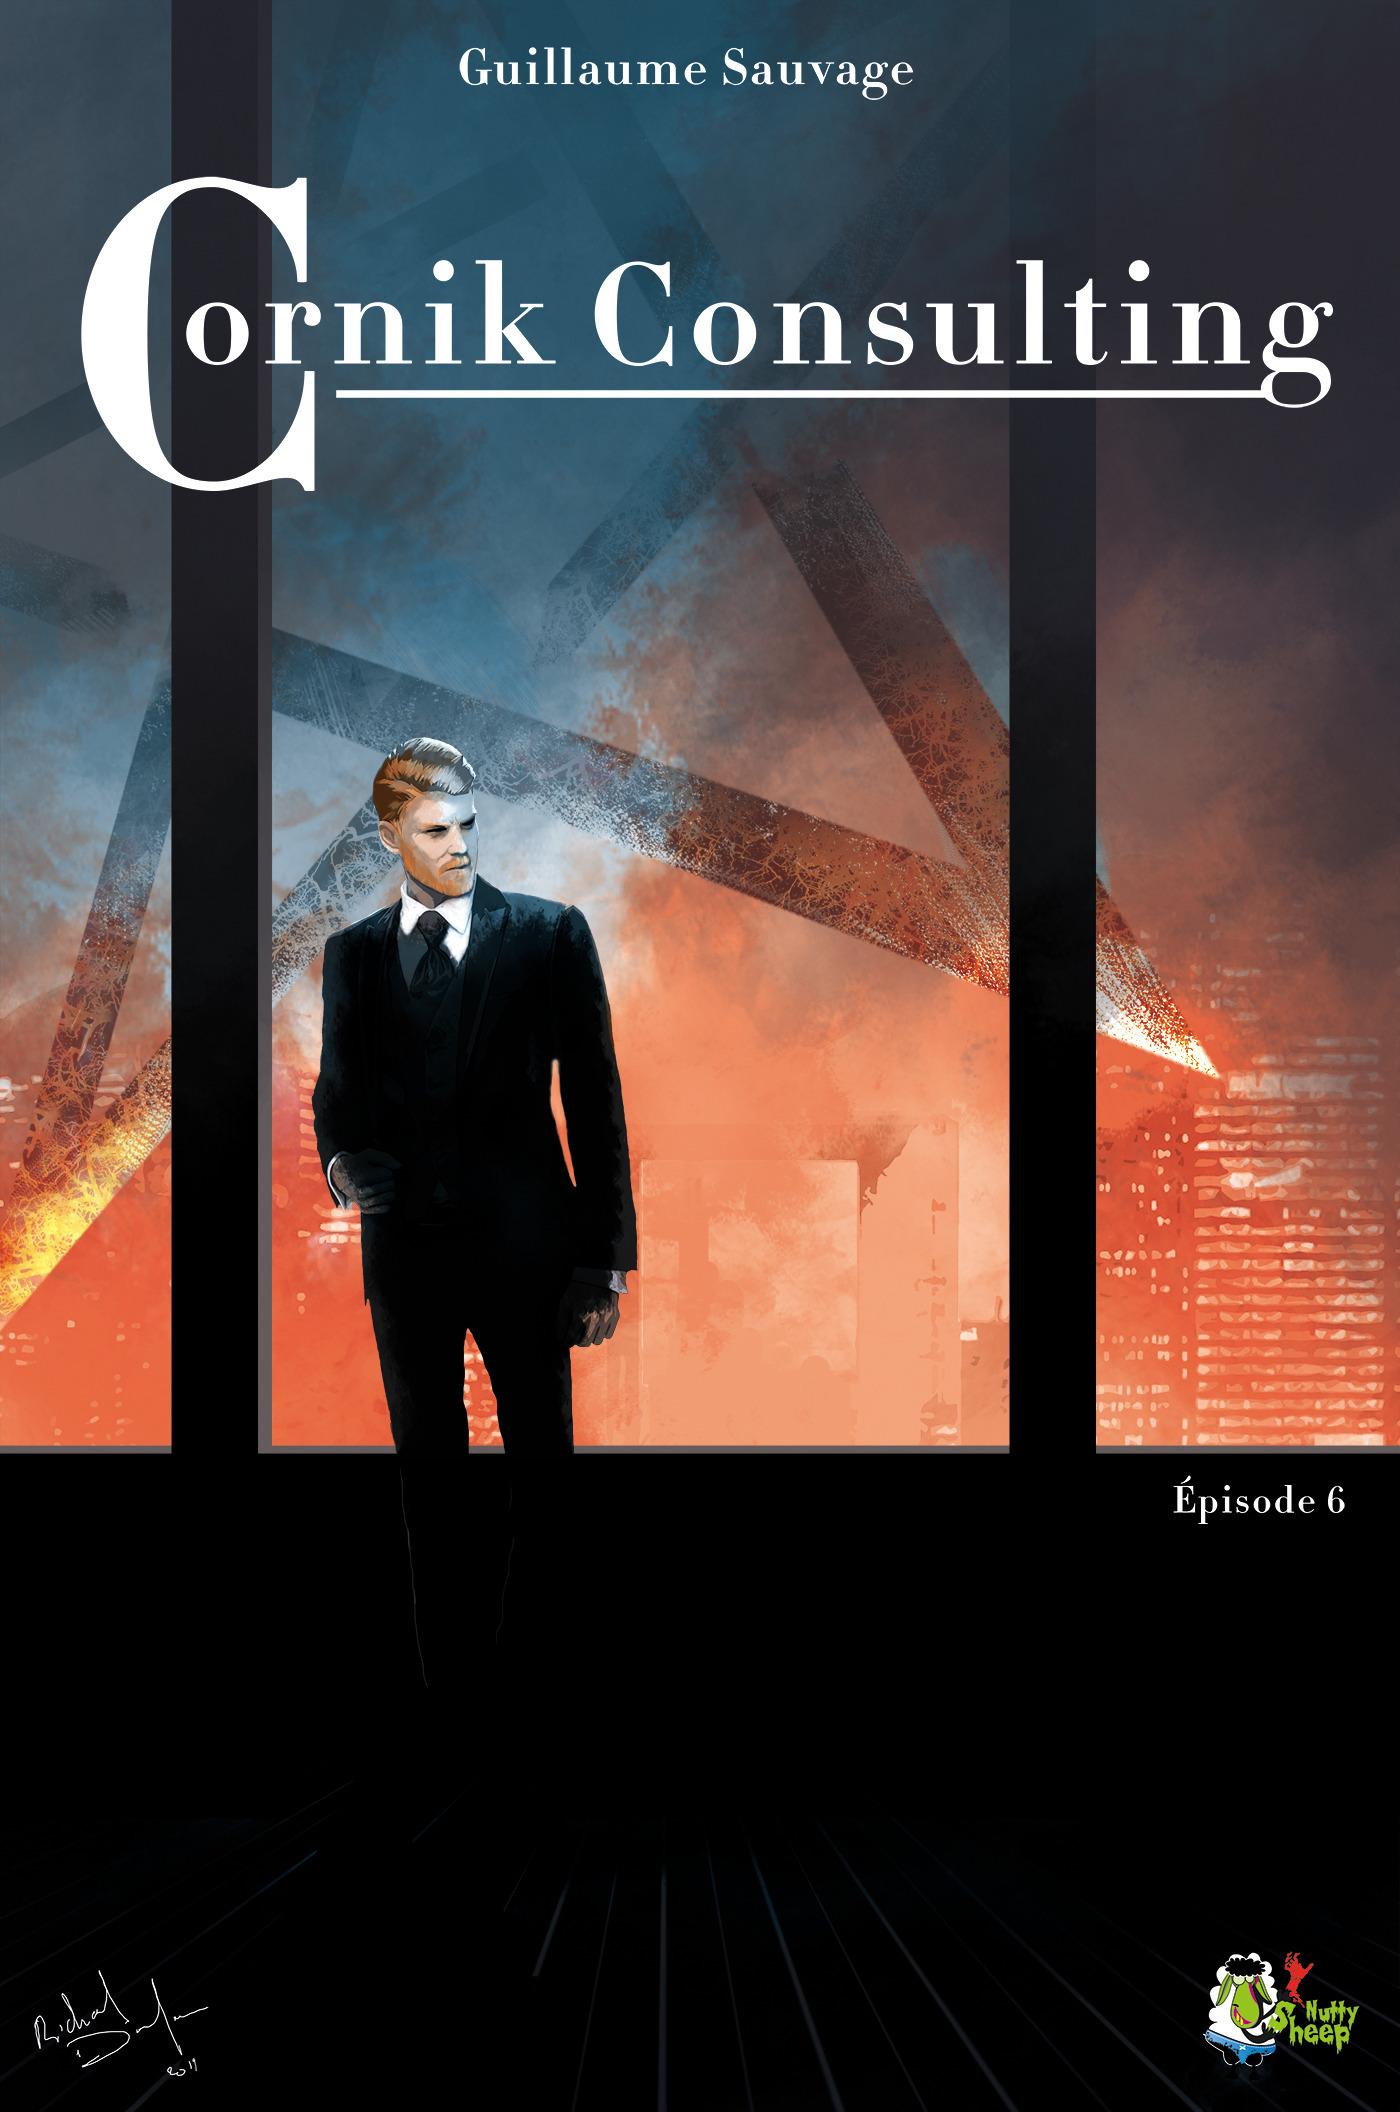 Cornik Consulting, épisode 6